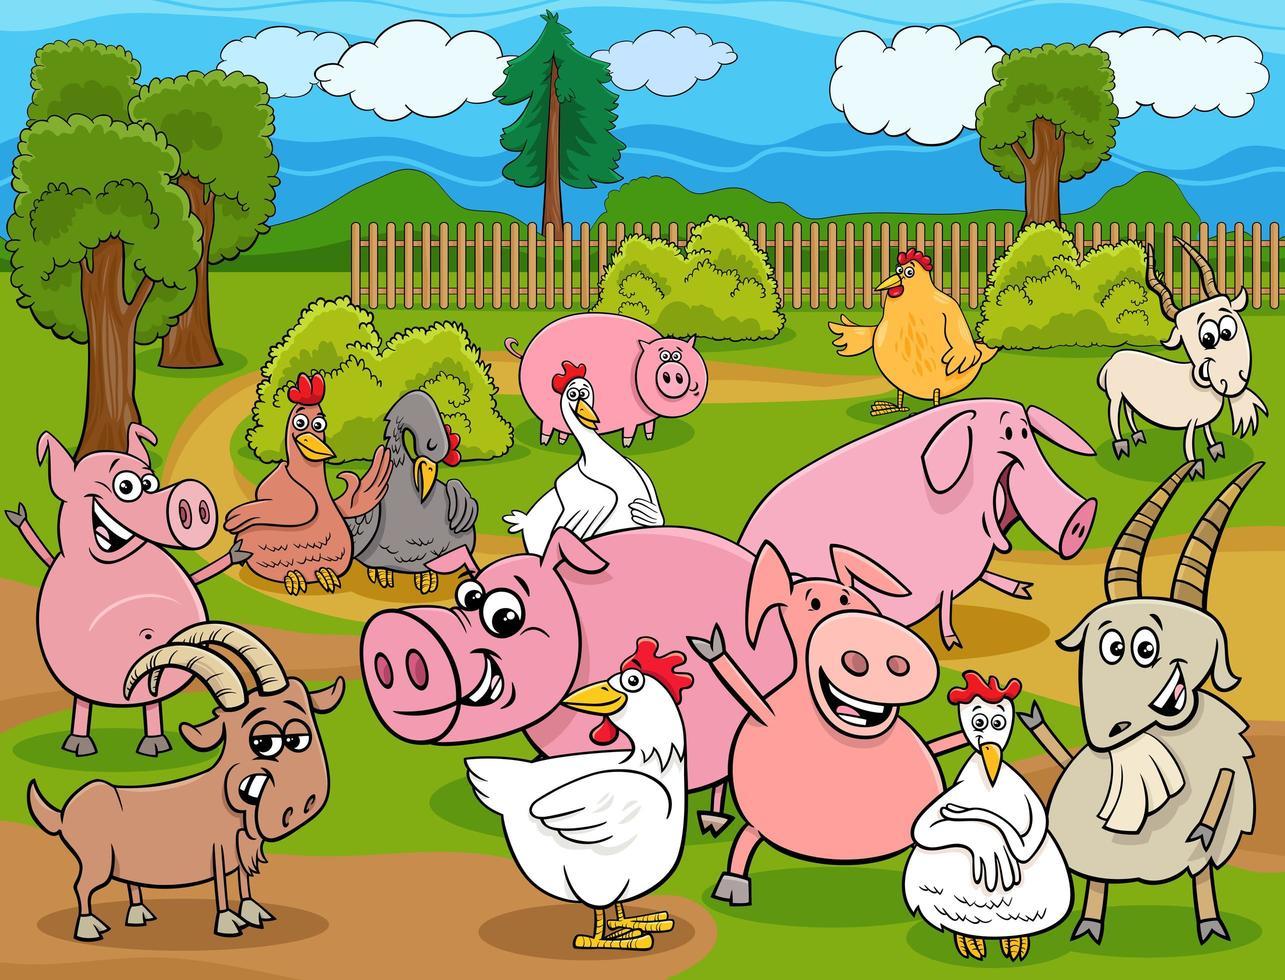 grupo de personajes de dibujos animados de animales de granja vector